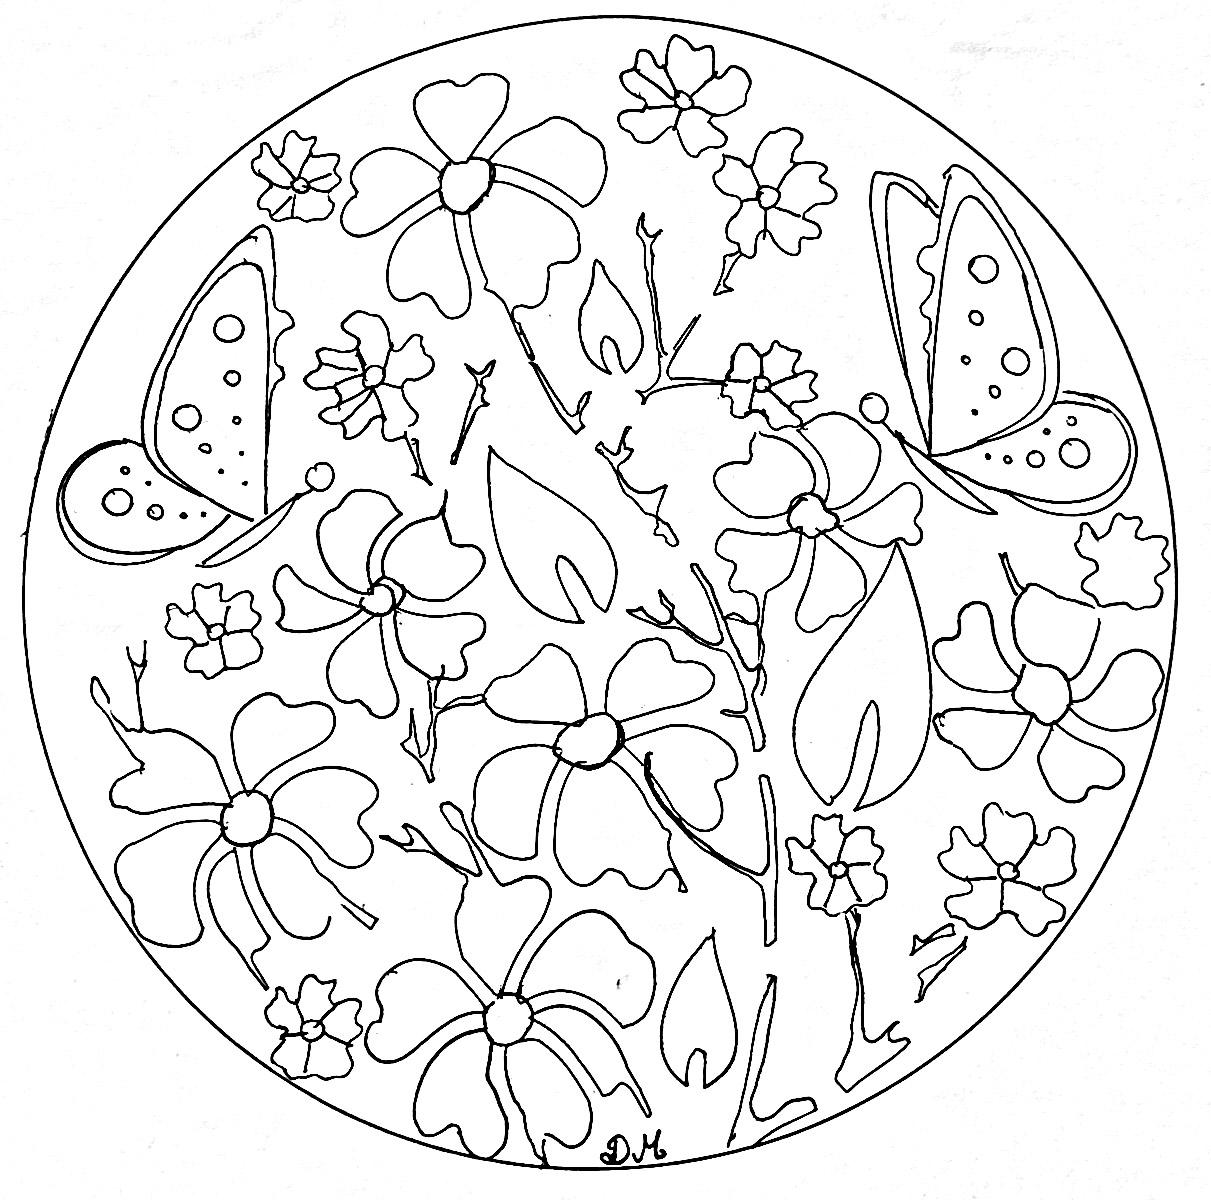 Mandala domandalas flowers butterflies - Simple Mandalas - 100% Mandalas Zen & Anti-stress